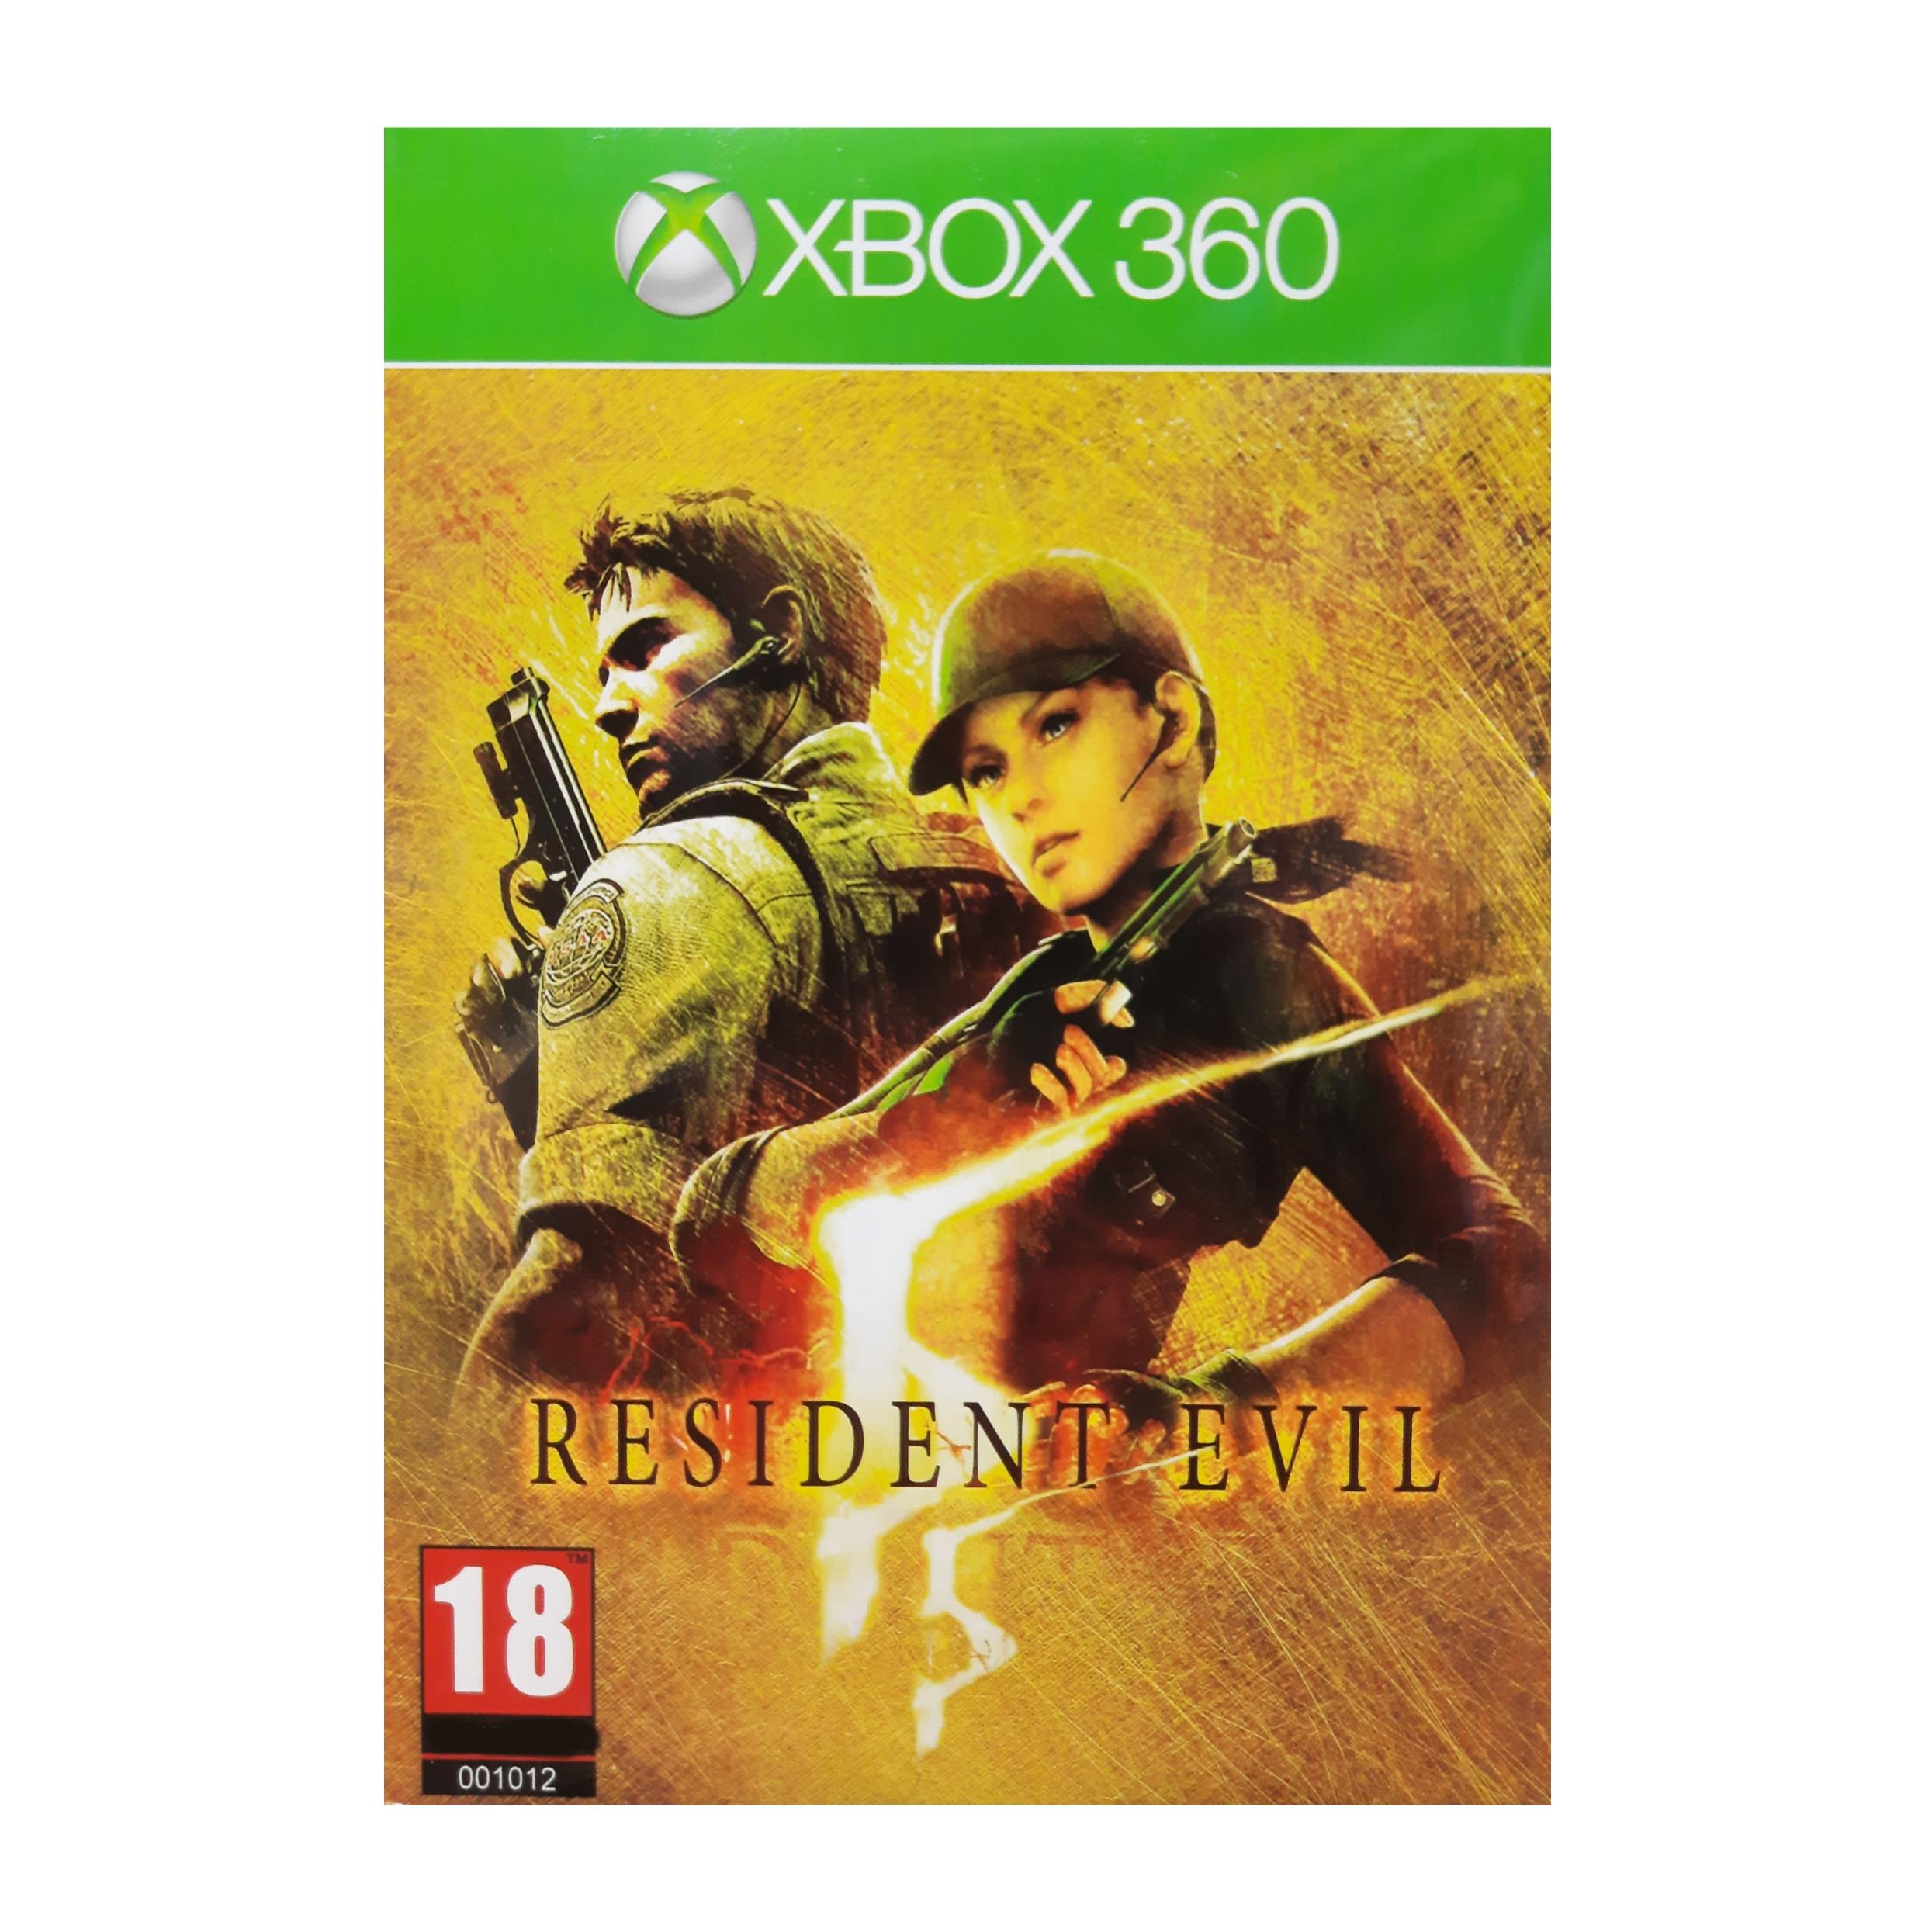 بازی Resident Evil 5 مخصوص Xbox 360